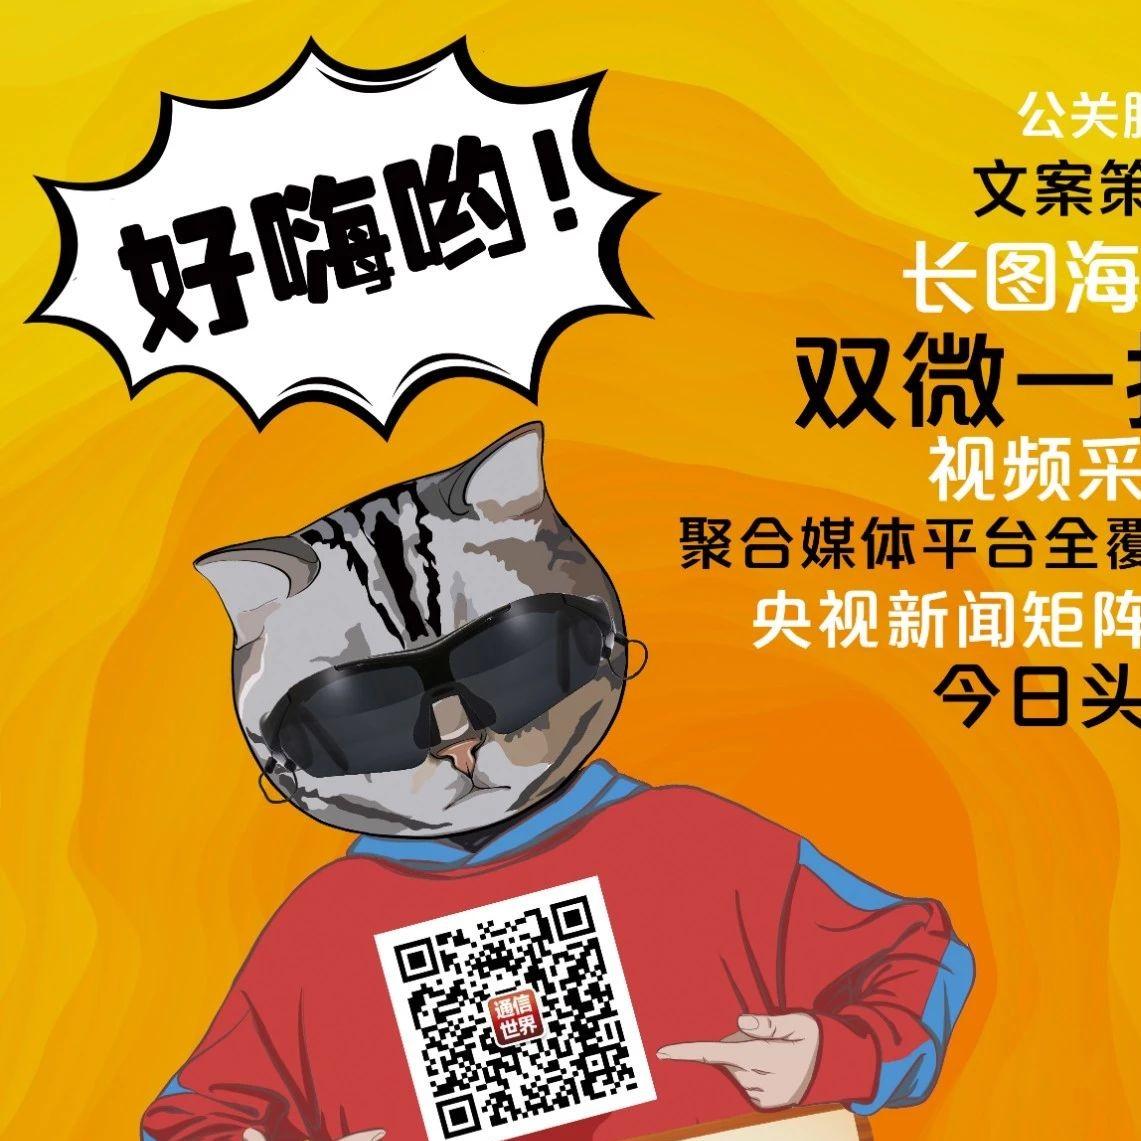 喵博士资讯 | 中国联通已建设开通2.8万个5G基站;云计算发展白皮书:今年规模达1290亿元